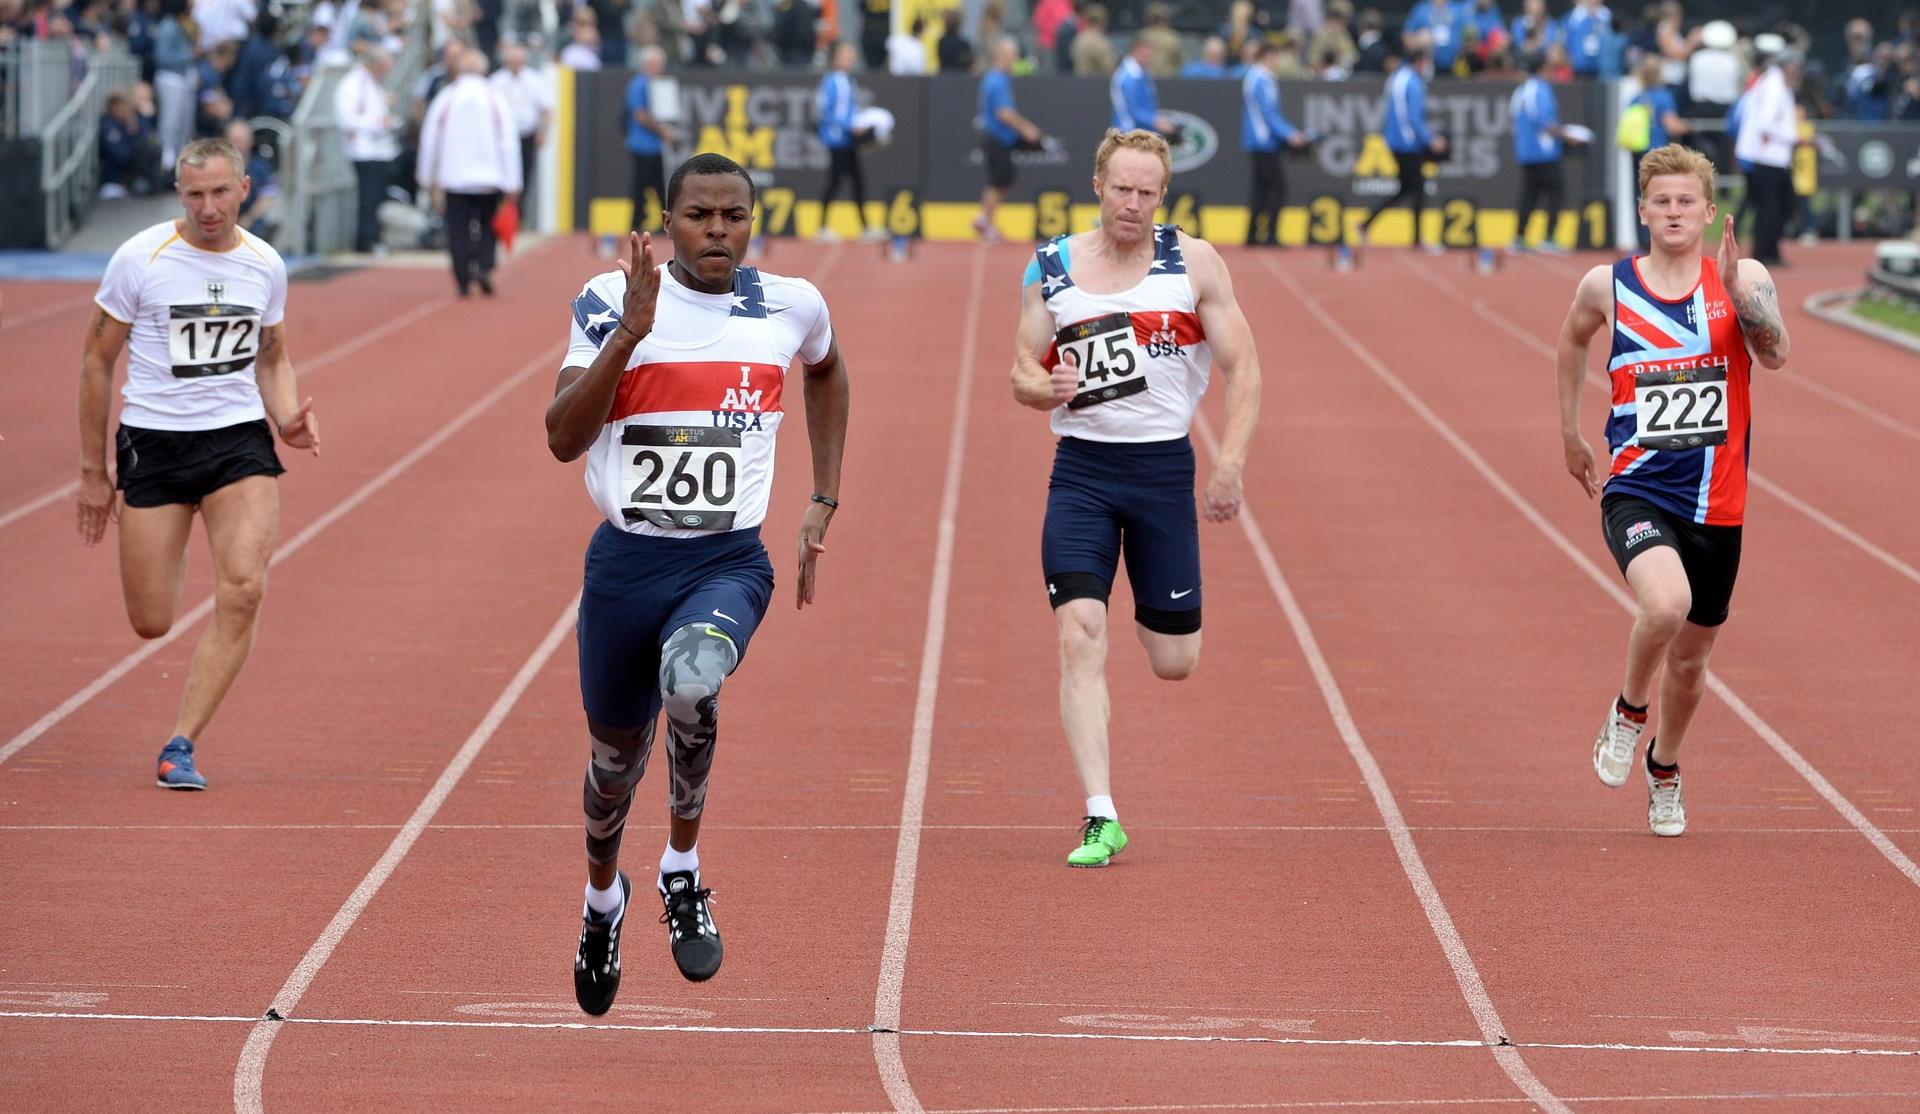 Sprinter mit hoher Schnelligkeit